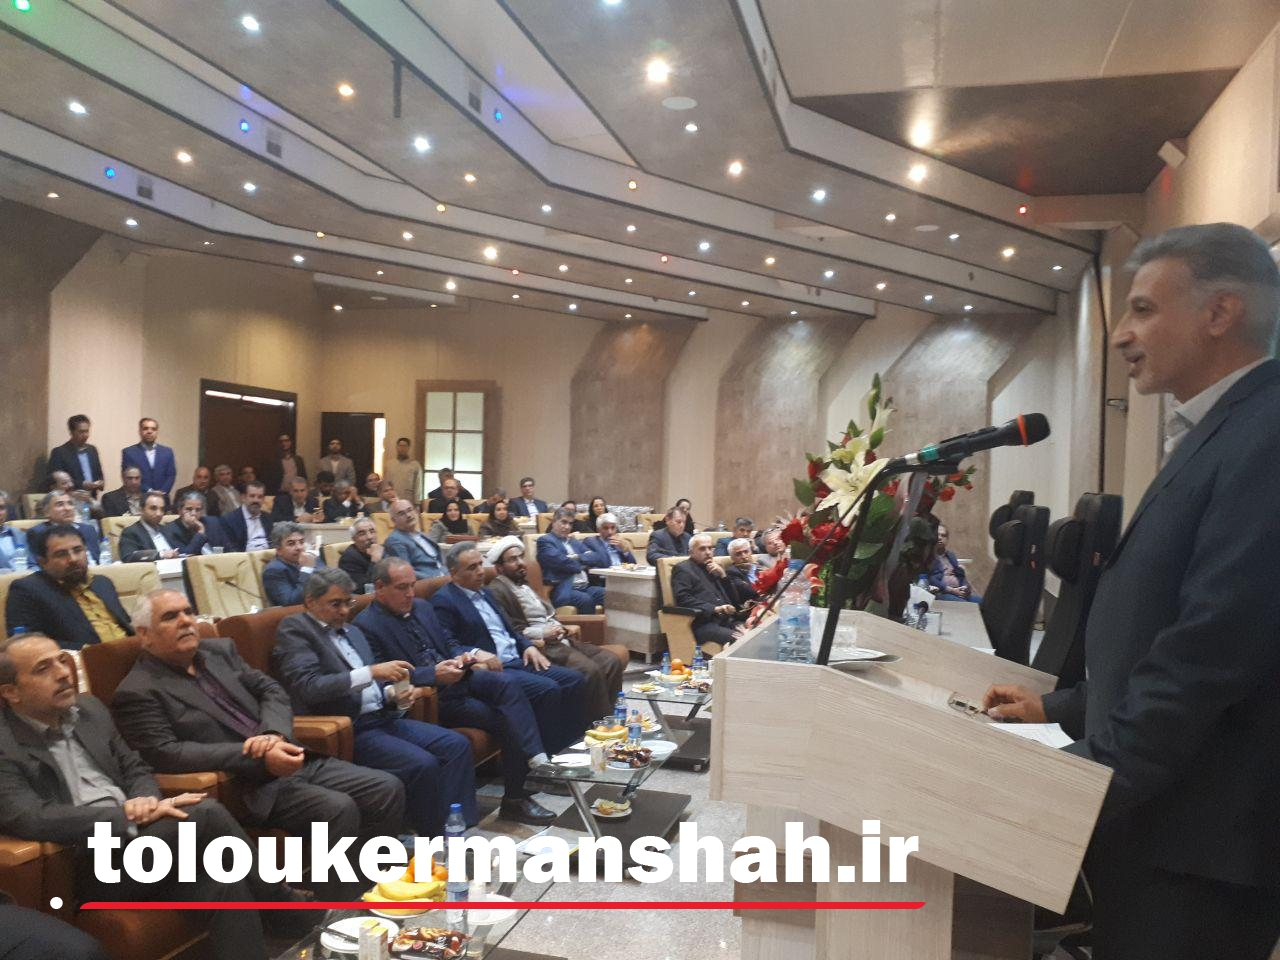 حمیدرضا قاسمی به عنوان مدیر کل تامین اجتماعی استان کرمانشاه معرفی شد